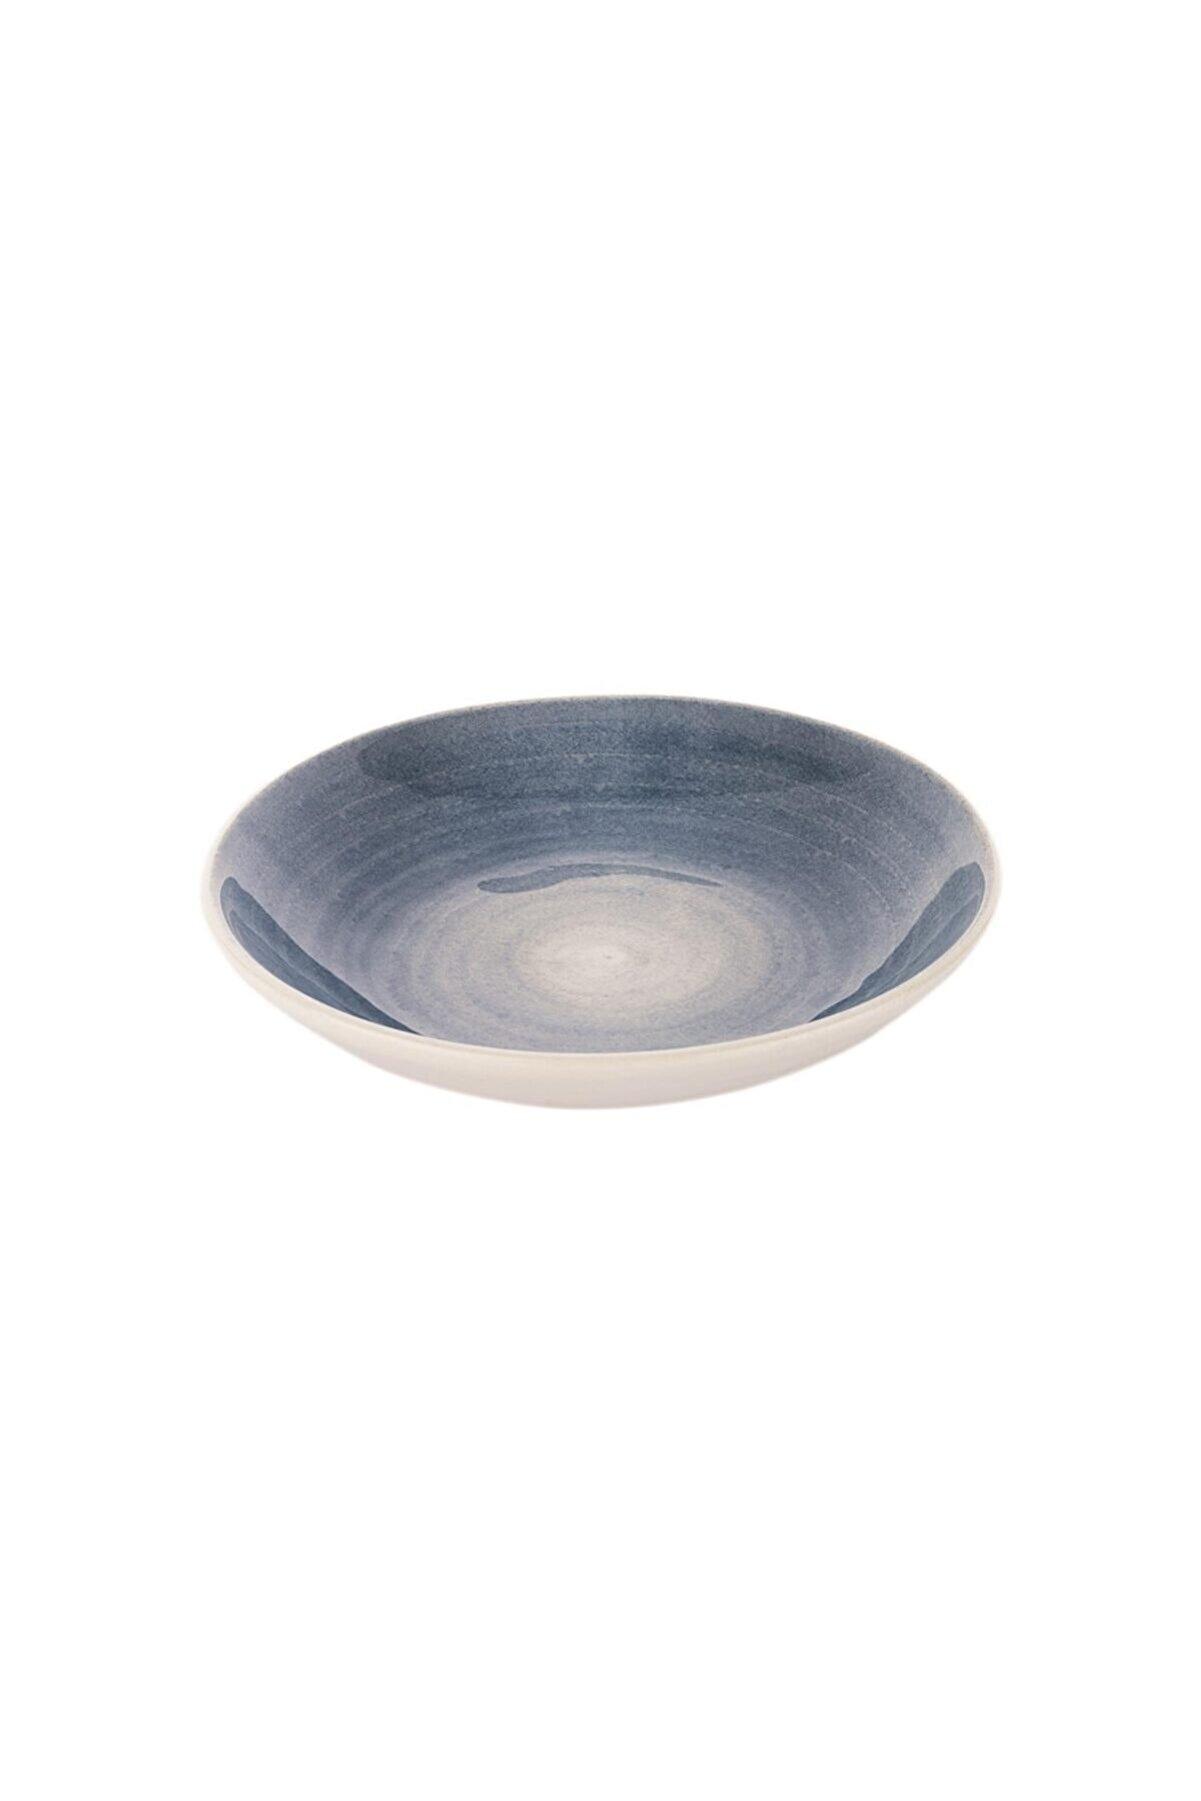 Schafer Wave Yemek Tabağı-ø22cm-1 Prç.-mavi